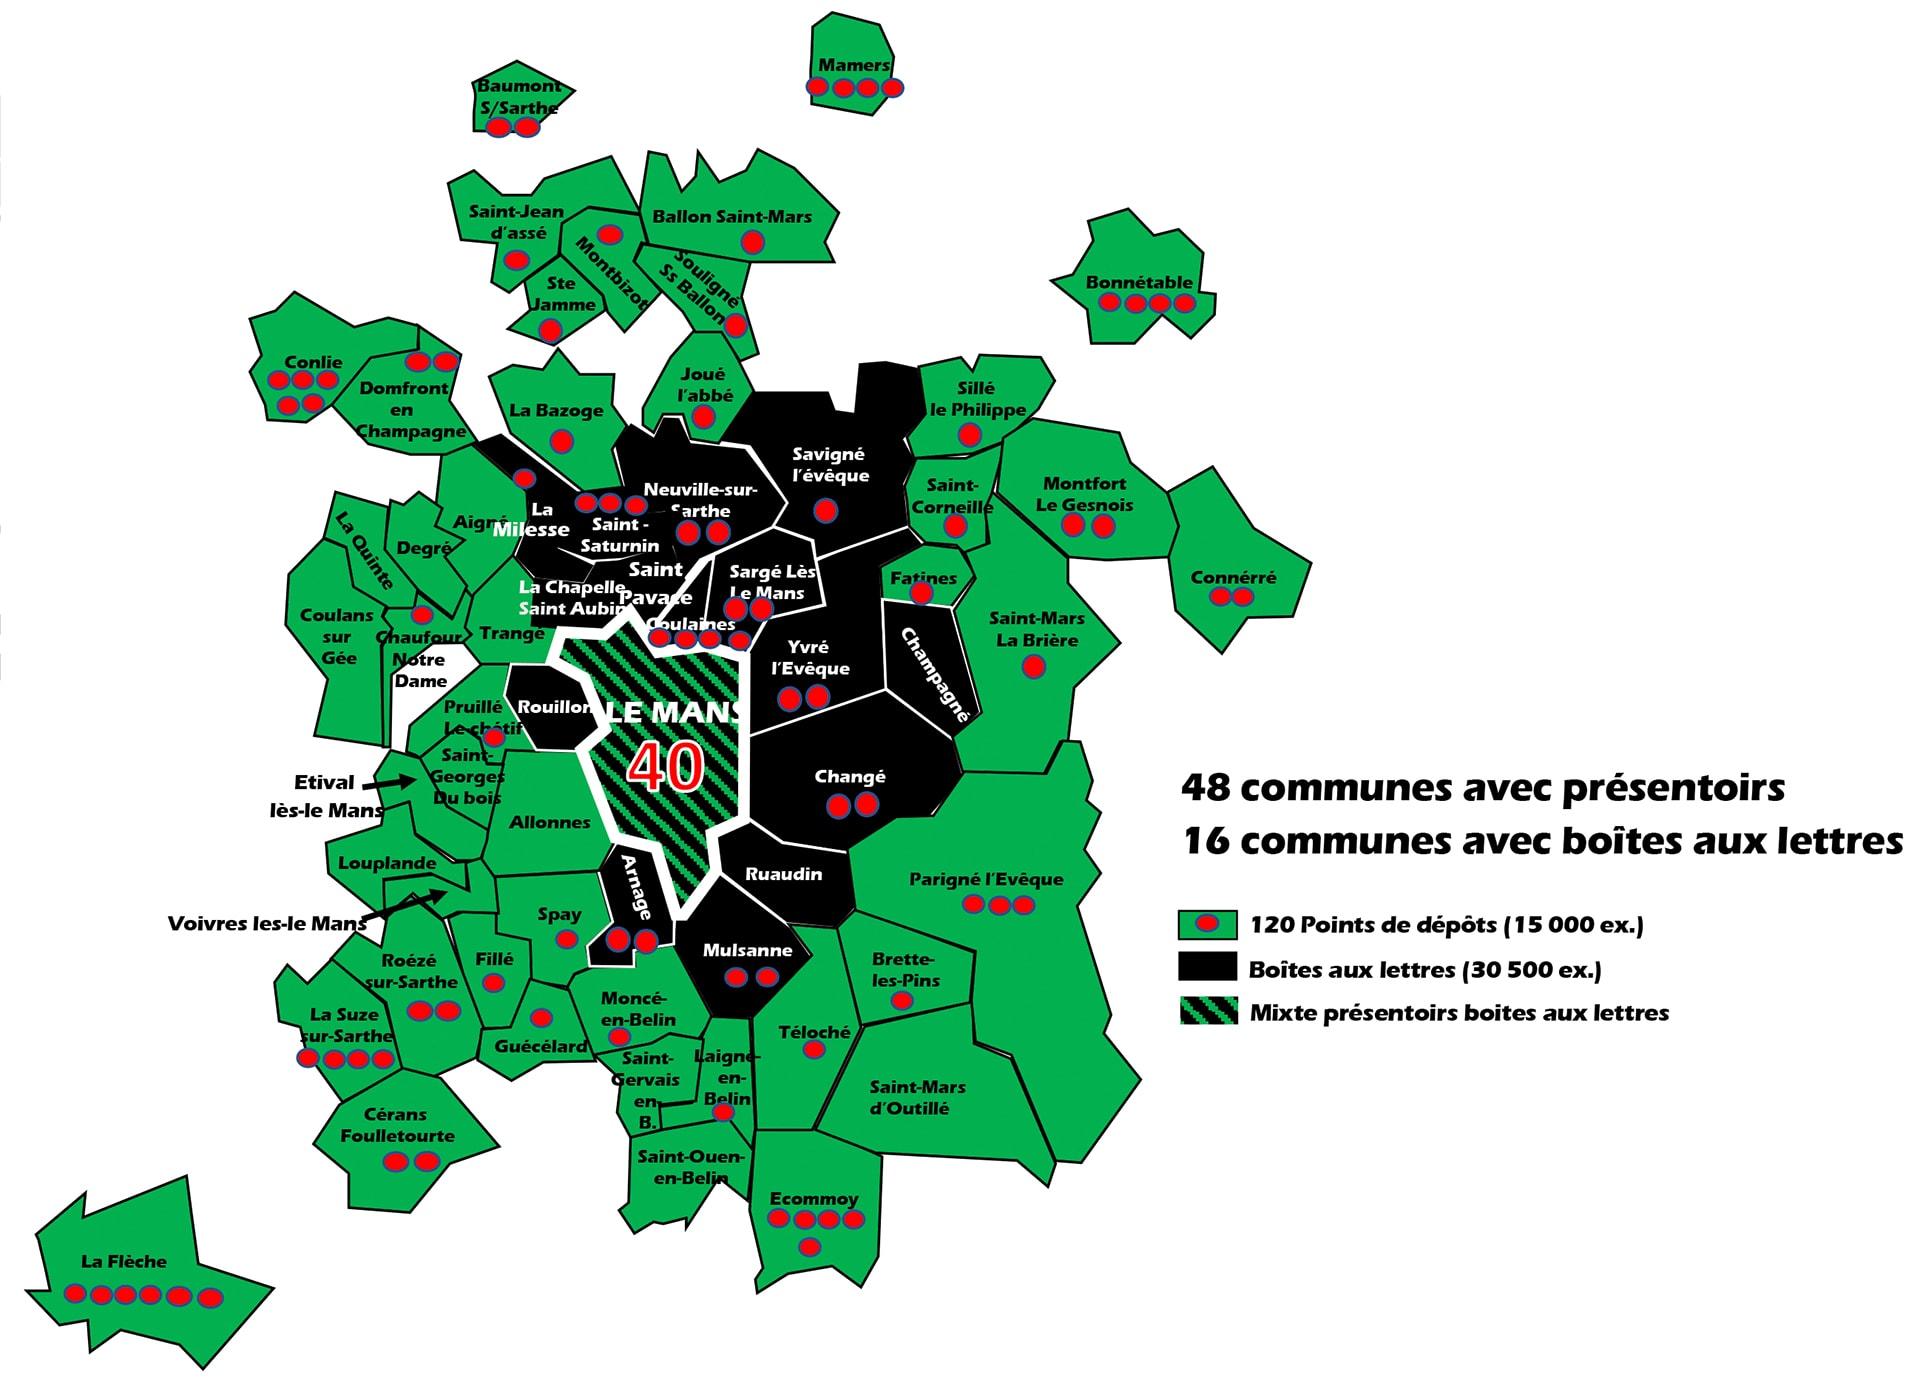 Carte de diffusion du Petit Sarthois